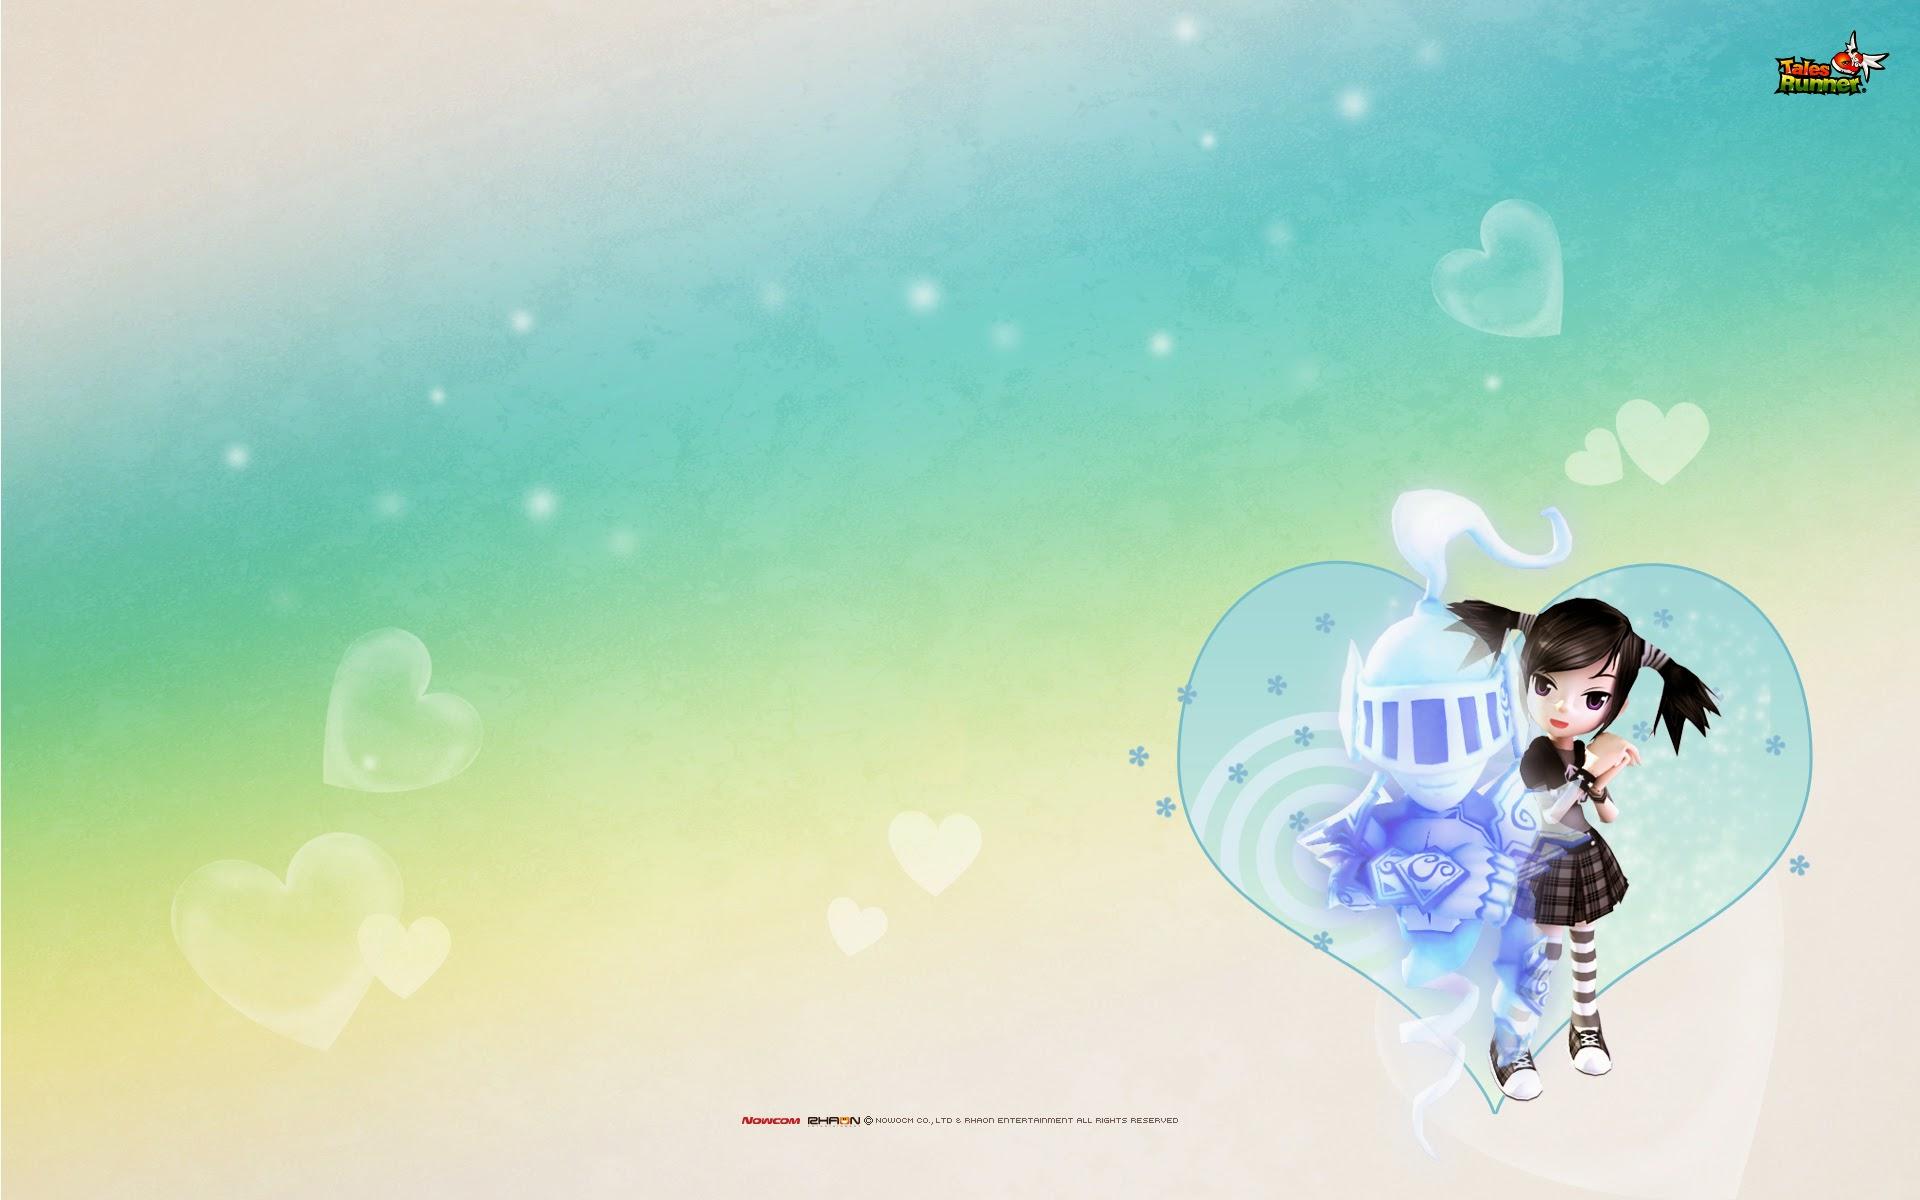 Ngắm hình nền dễ thương của GoGoRun Bắc Mỹ - Ảnh 2